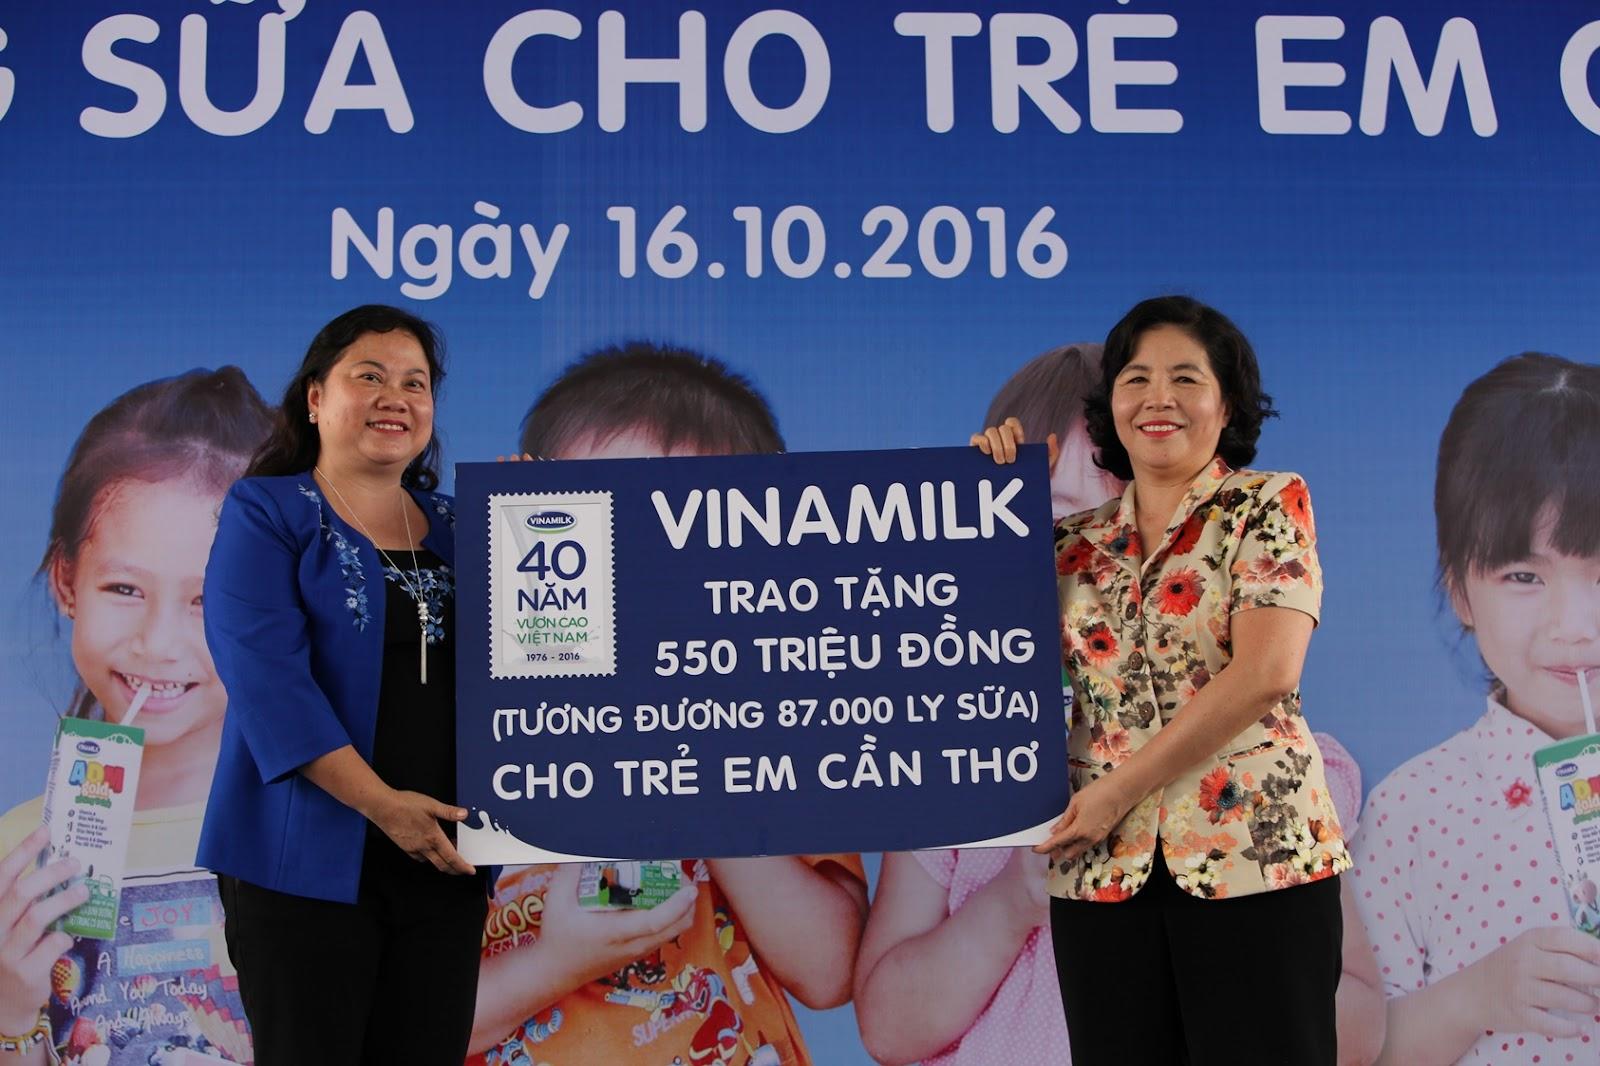 Trong hành trình 12 năm Vinamilk và Quỹ sữa Vươn Cao Việt Nam đã trao tặng 35 triệu ly sữa cho 441 ngàn trẻ em khó khăn trên khắp Việt Nam.